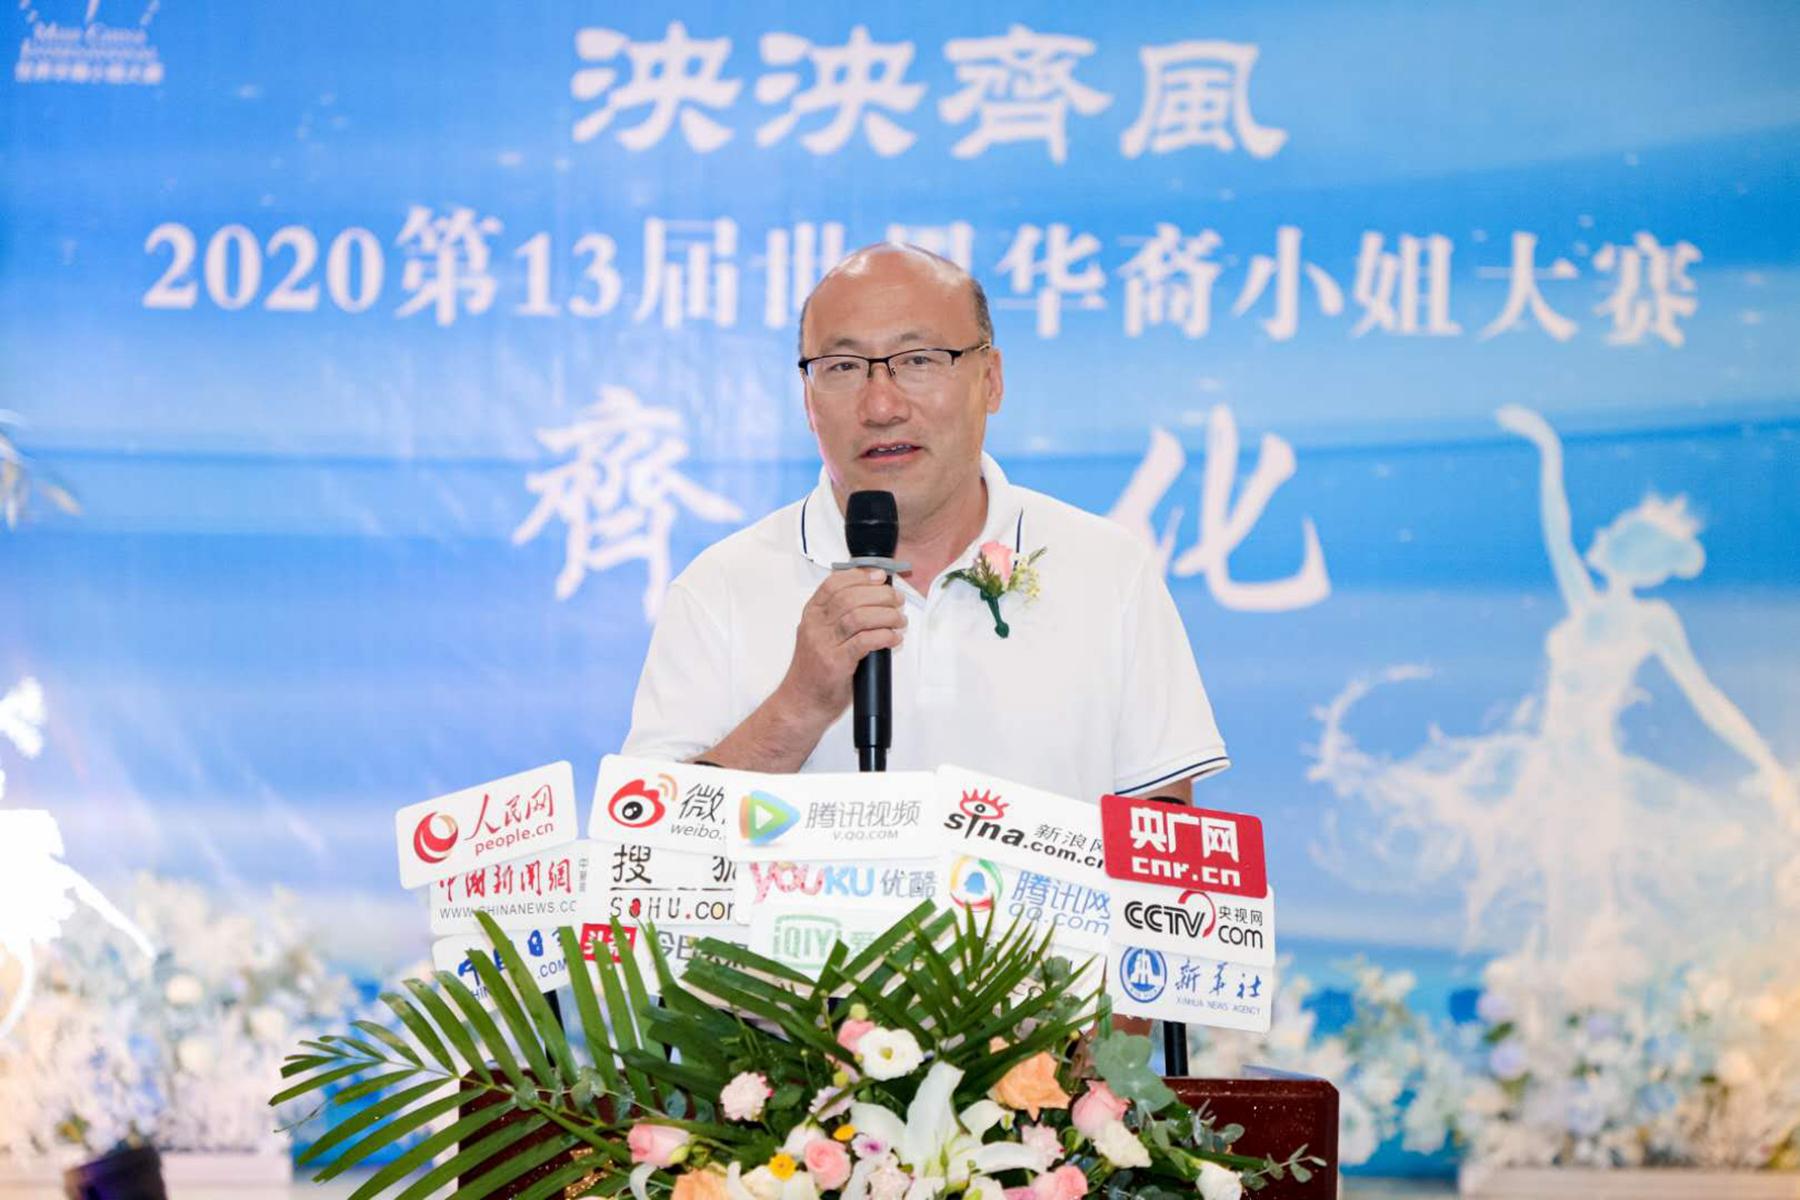 淄博市临淄区副区长刘慧恩致辞